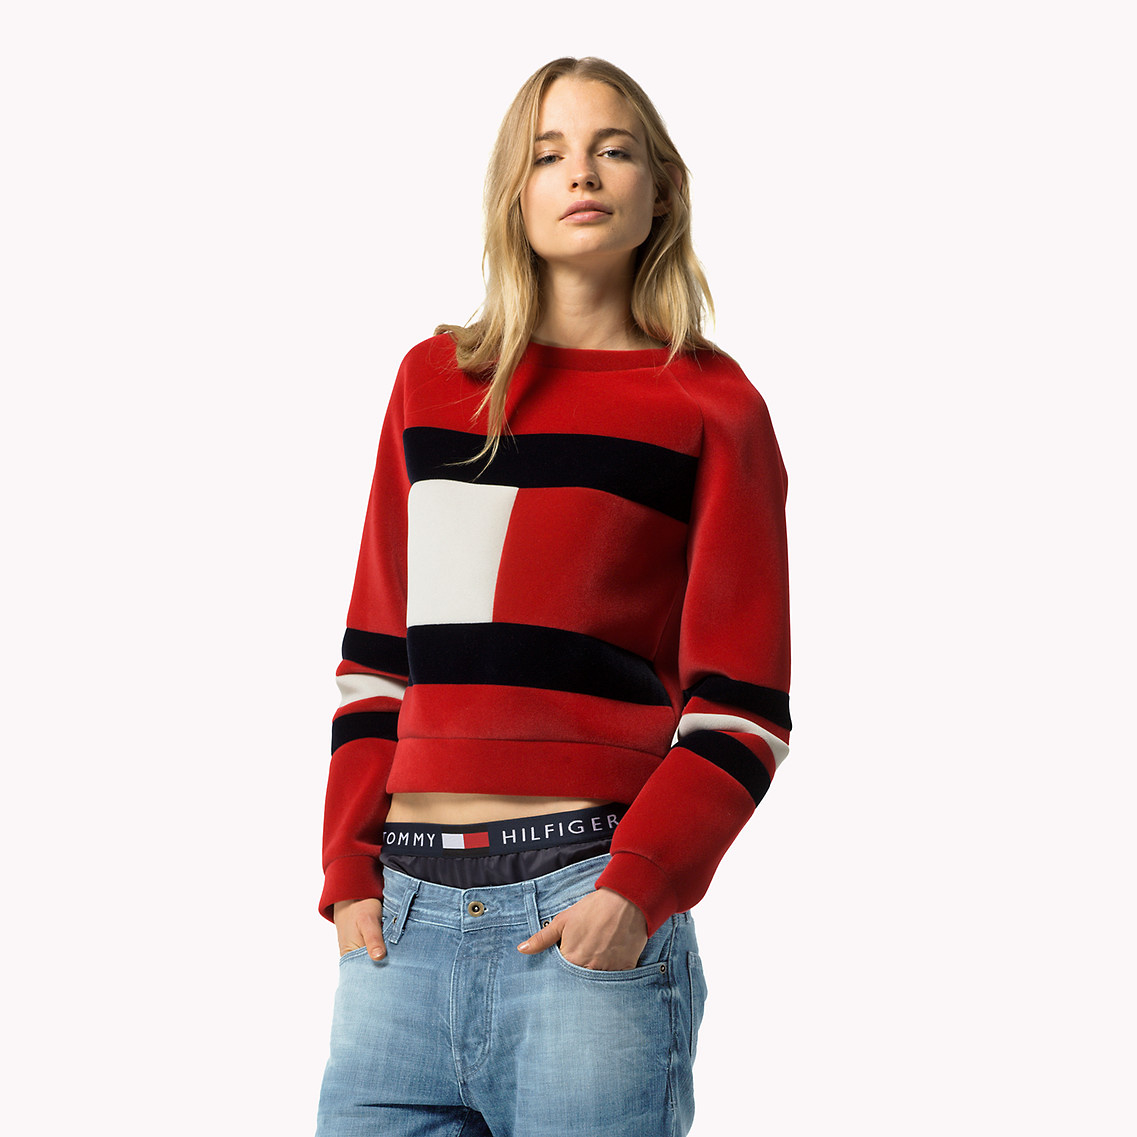 e4f767c5cf918 Gallery. Women's Yeezy Destroyed Women's Leopard Print Sweaters ...